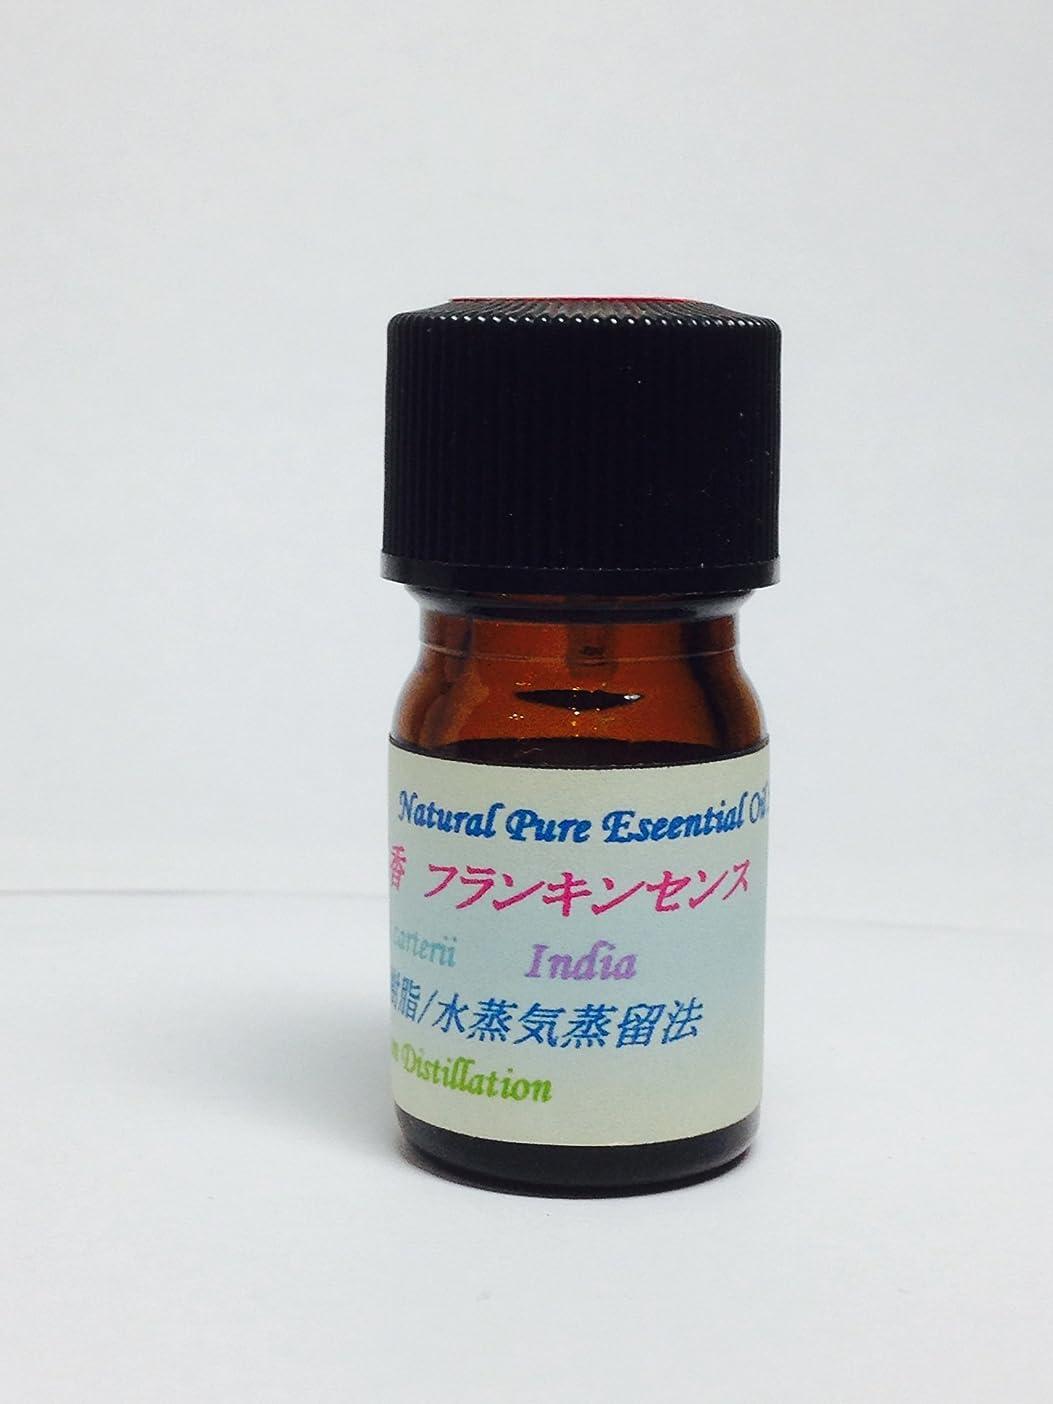 戻る失メッセージフランキンセンス (オリバナム) エッセンシャルオイル 乳香 精油 10ml